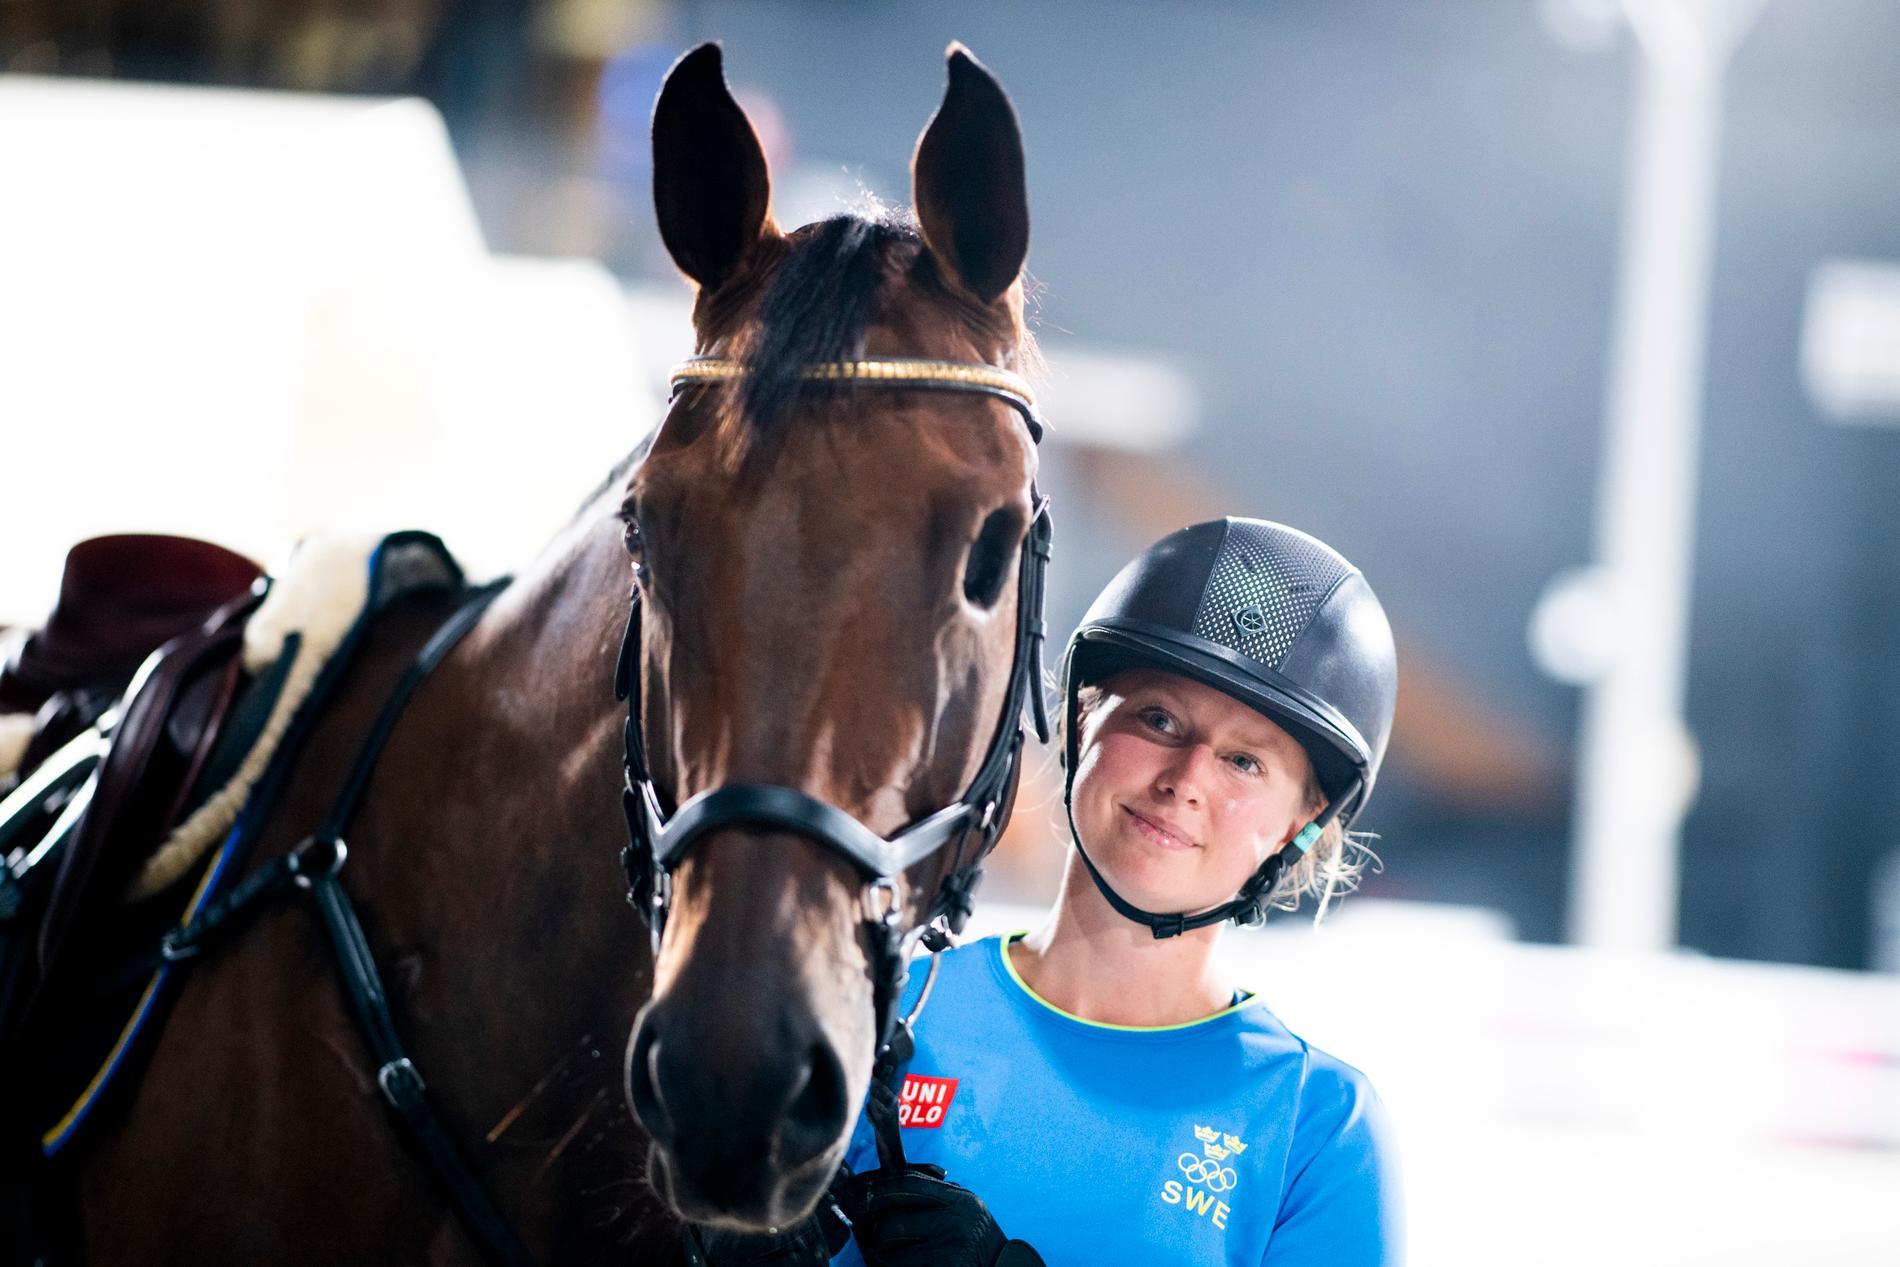 OS-debutanten Therese Viklund med hästen Viscera, som saknar vänster öga.